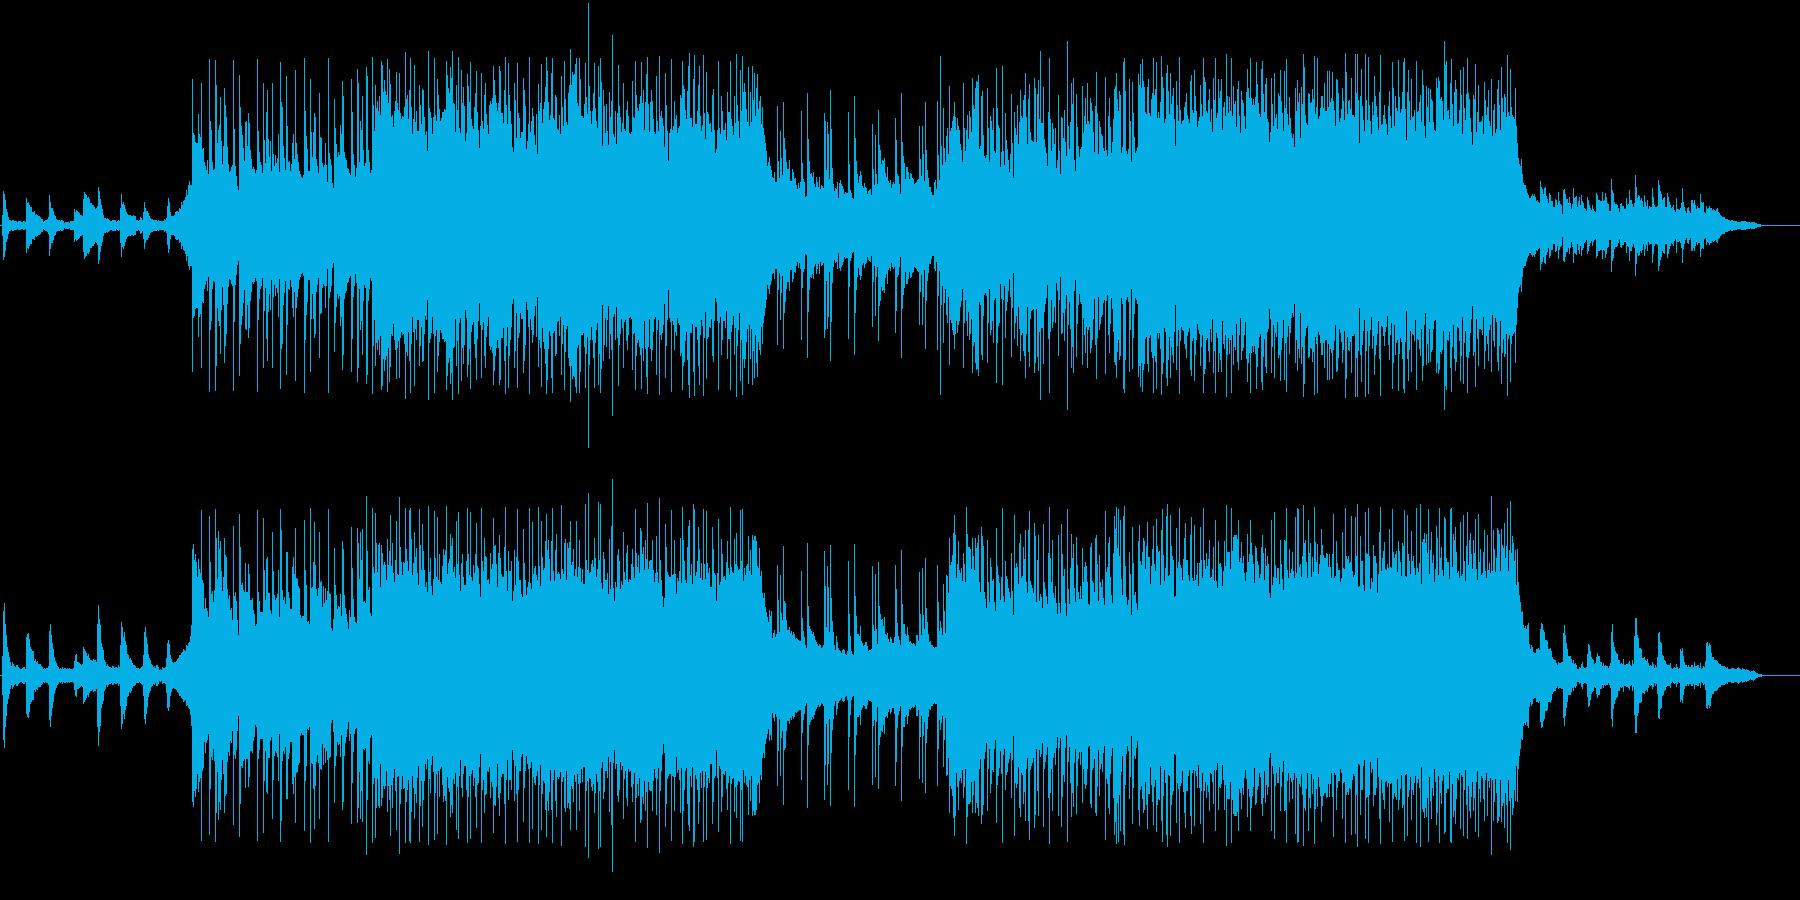 VP系27A、スポーツ系、爽やかロックの再生済みの波形